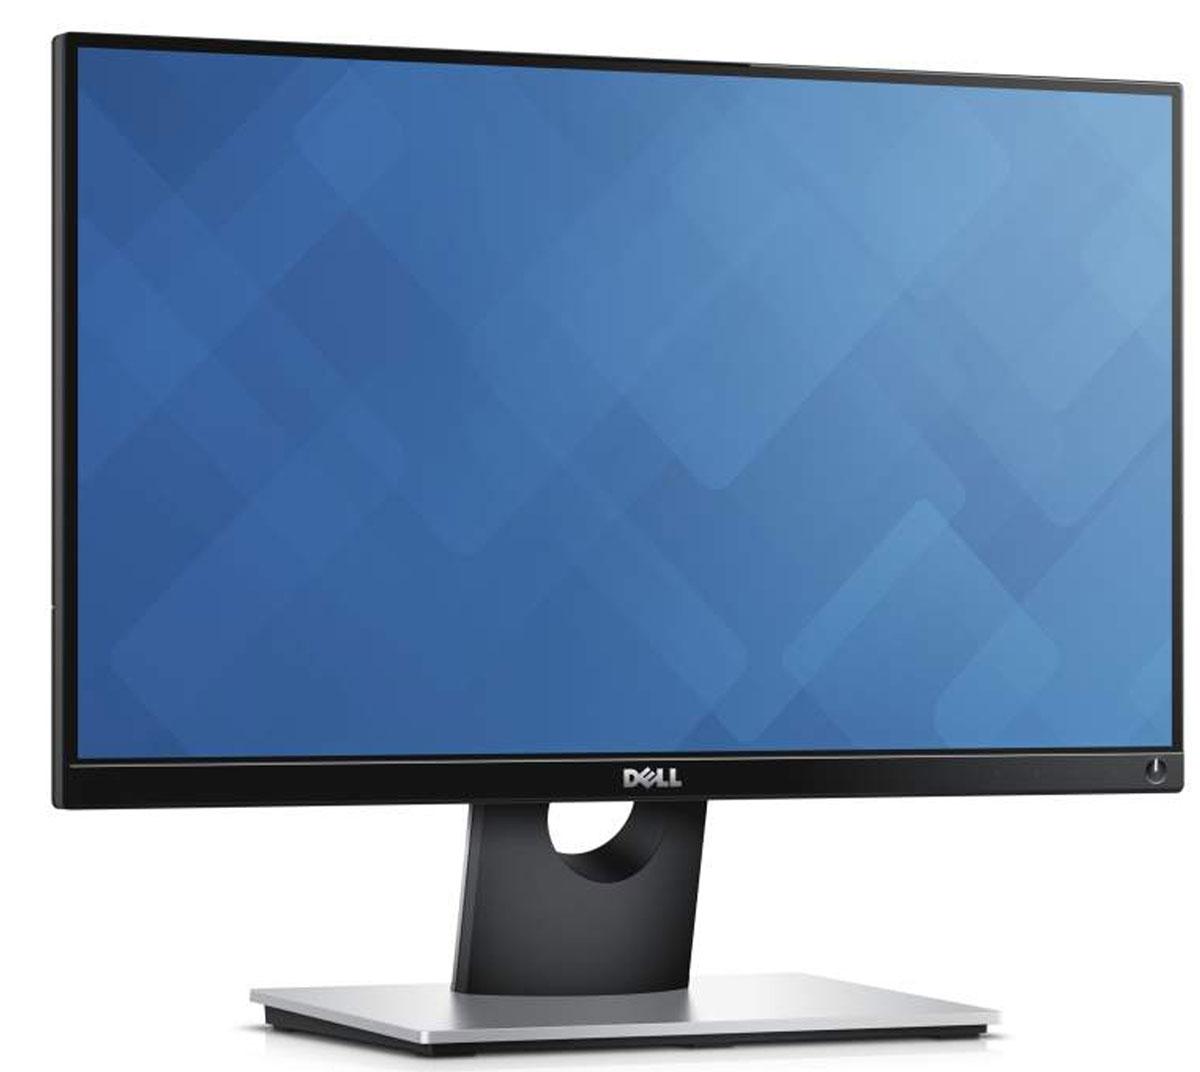 Dell S2216H, Black монитор216H-1989Стильный и изящный 22-дюймовый монитор Dell с расширенной областью обзора, сформированной с помощью сверхтонкой фронтальной панели, обеспечивает исключительные возможности для развлечений.Стильный дизайн. Оцените изящество тонких глянцевых фронтальных панелей, прочность корпуса и удобство интуитивно понятных сенсорных кнопок. Полный эффект присутствия при прослушивании аудио и просмотре видео. Получайте максимальное удовольствие от развлечений благодаря разрешению Full HD, элегантному экрану и двум интегрированным динамикам мощностью 3 Вт. Надежность и простота эксплуатации. Простота подключения как к самым современным ПК, так и к ПК предыдущих поколений с помощью портов VGA и HDMI.